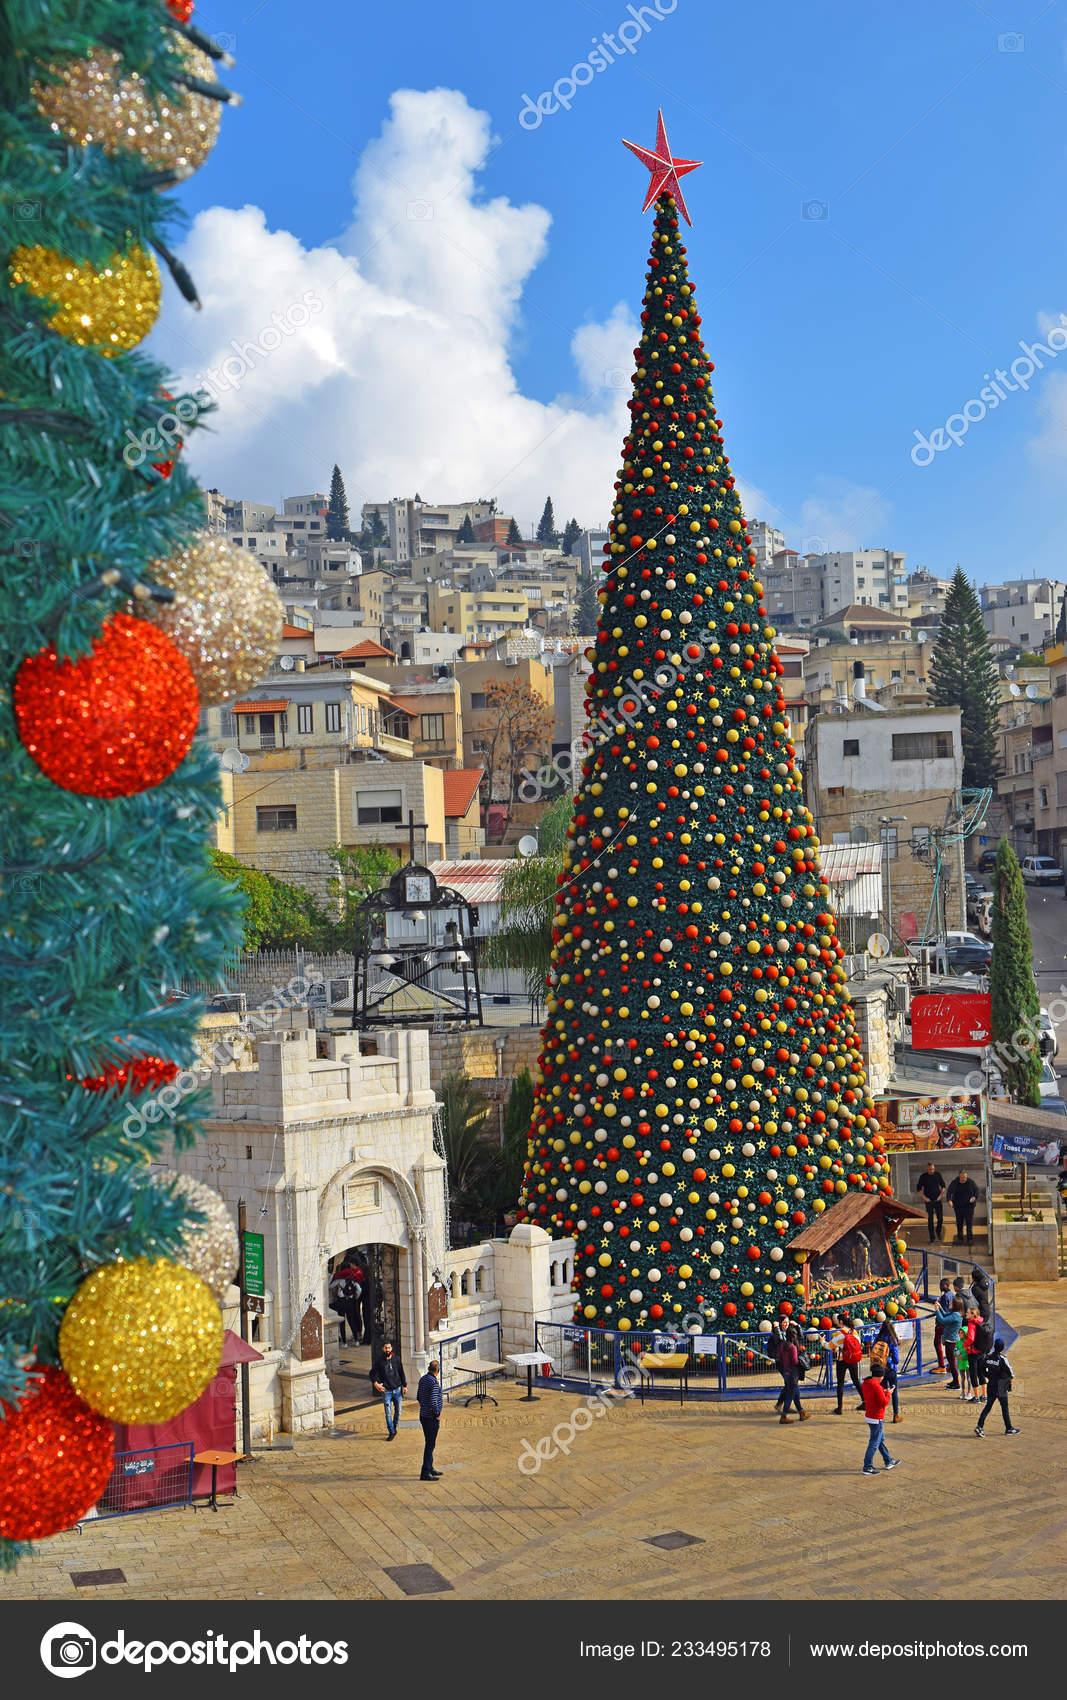 When Is Greek Orthodox Christmas.Nazareth Israel December People Celebrate Christmas Greek